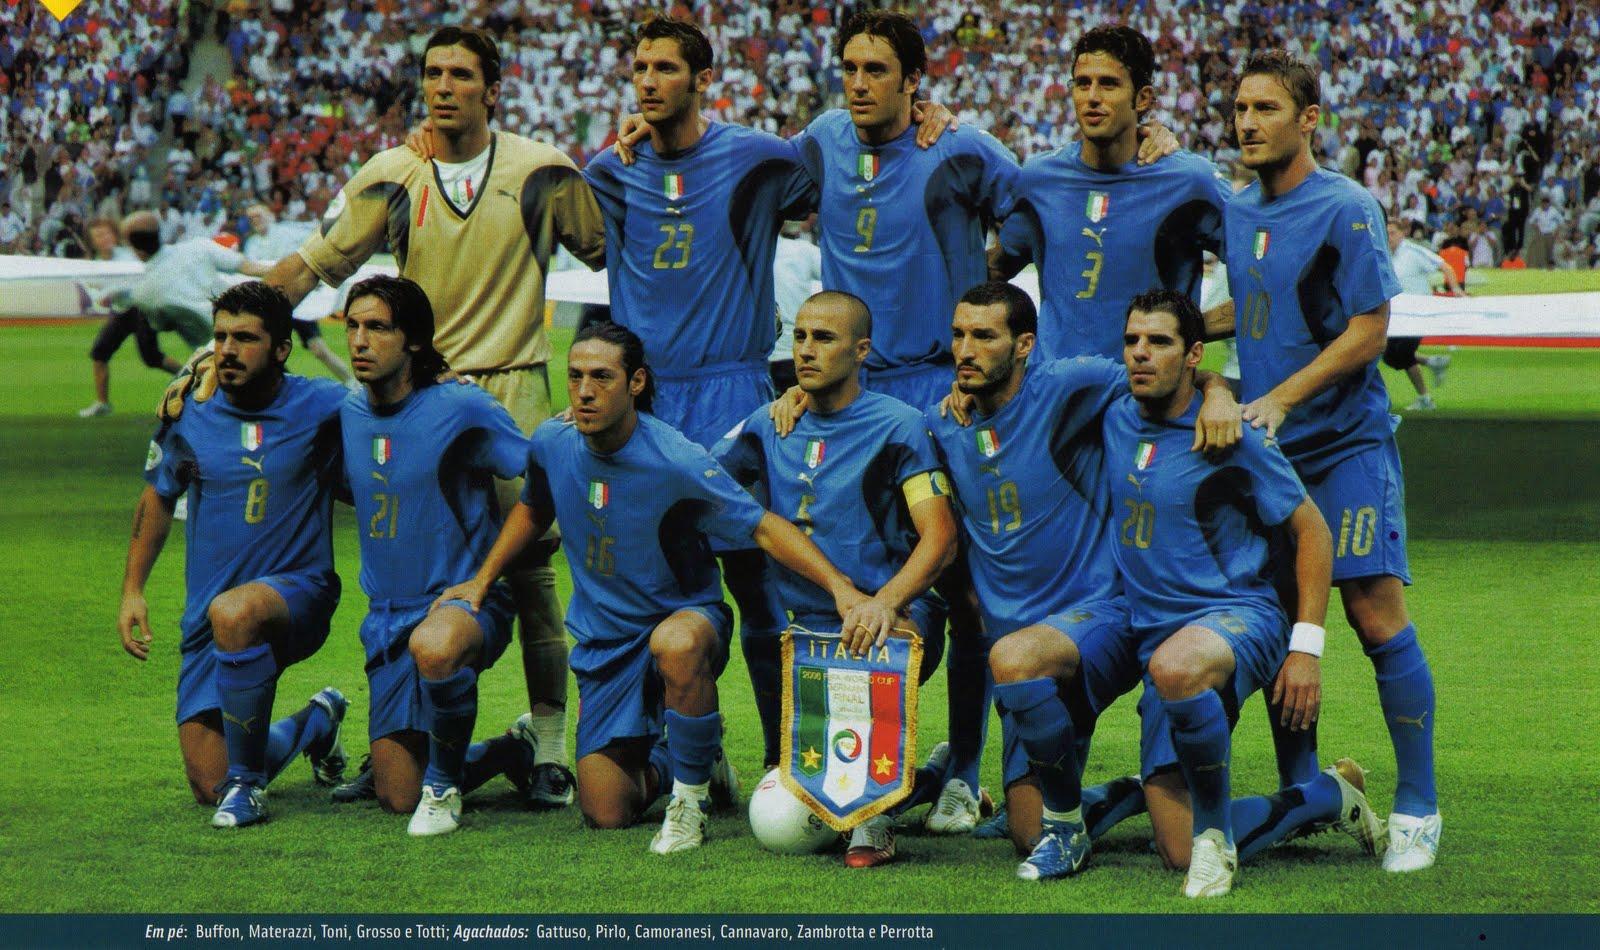 Grande feito  Campeã do Mundo em 2006. Conquistou o tetracampeonato da Copa  para o país depois de 24 anos de jejum. f075ba06a2421